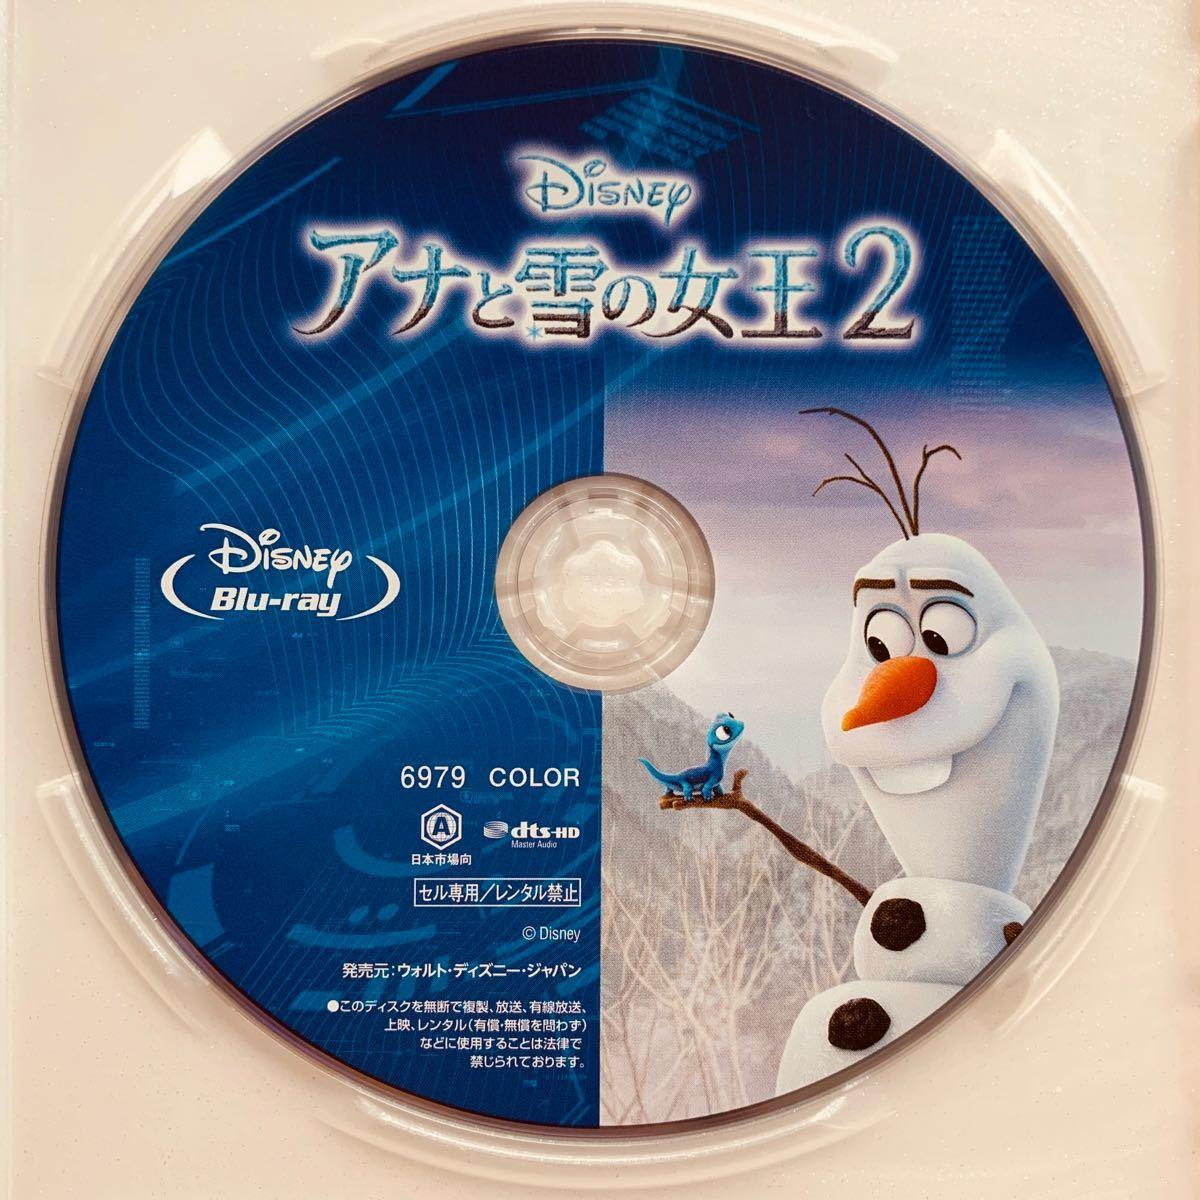 アナと雪の女王2 ブルーレイ+純正ケース【国内正規版】新品未再生 ディズニー MovieNEX Disney Blu-ray